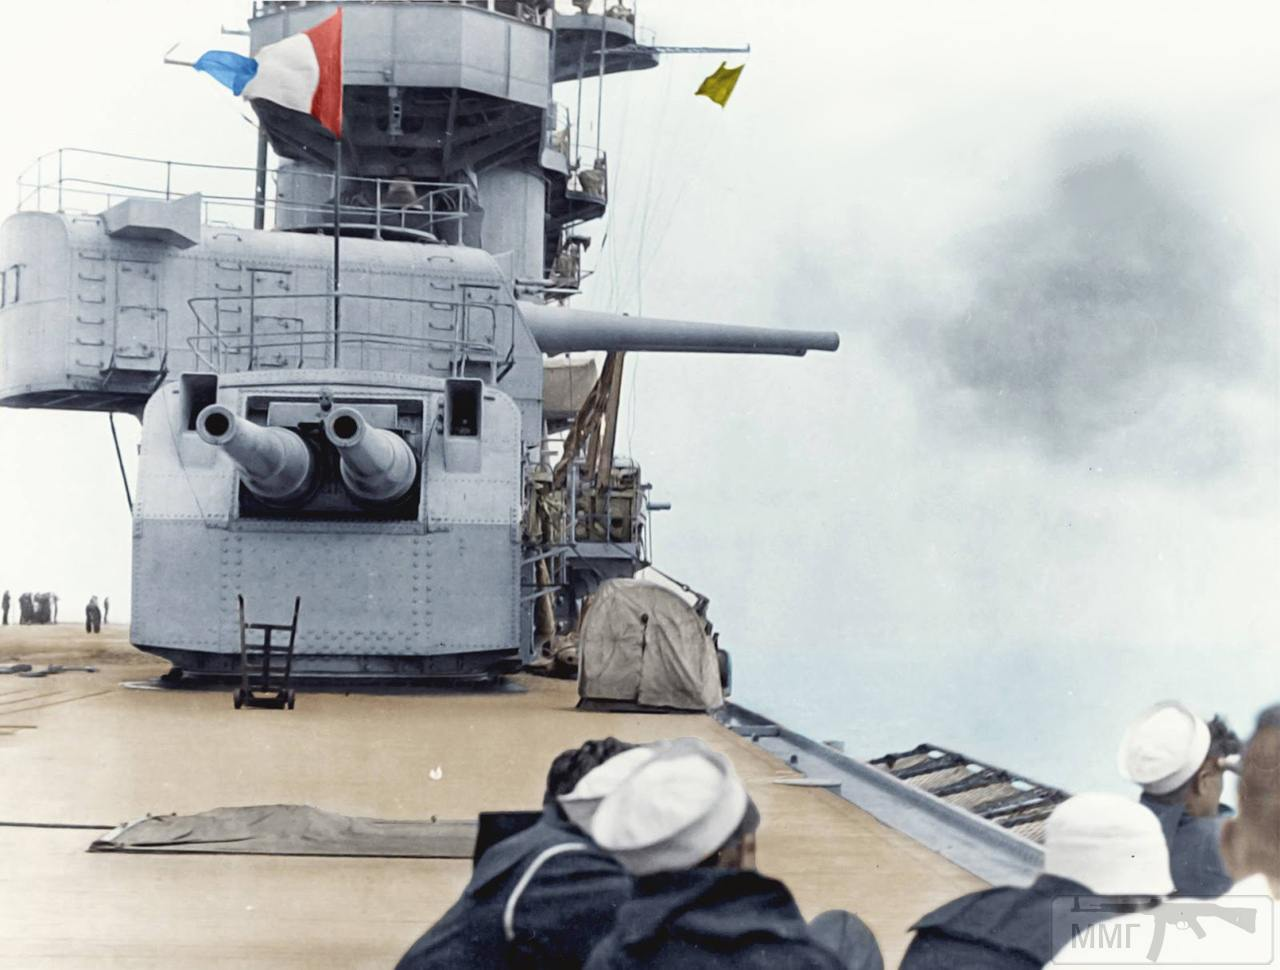 37041 - USS Lexington (CV-2)